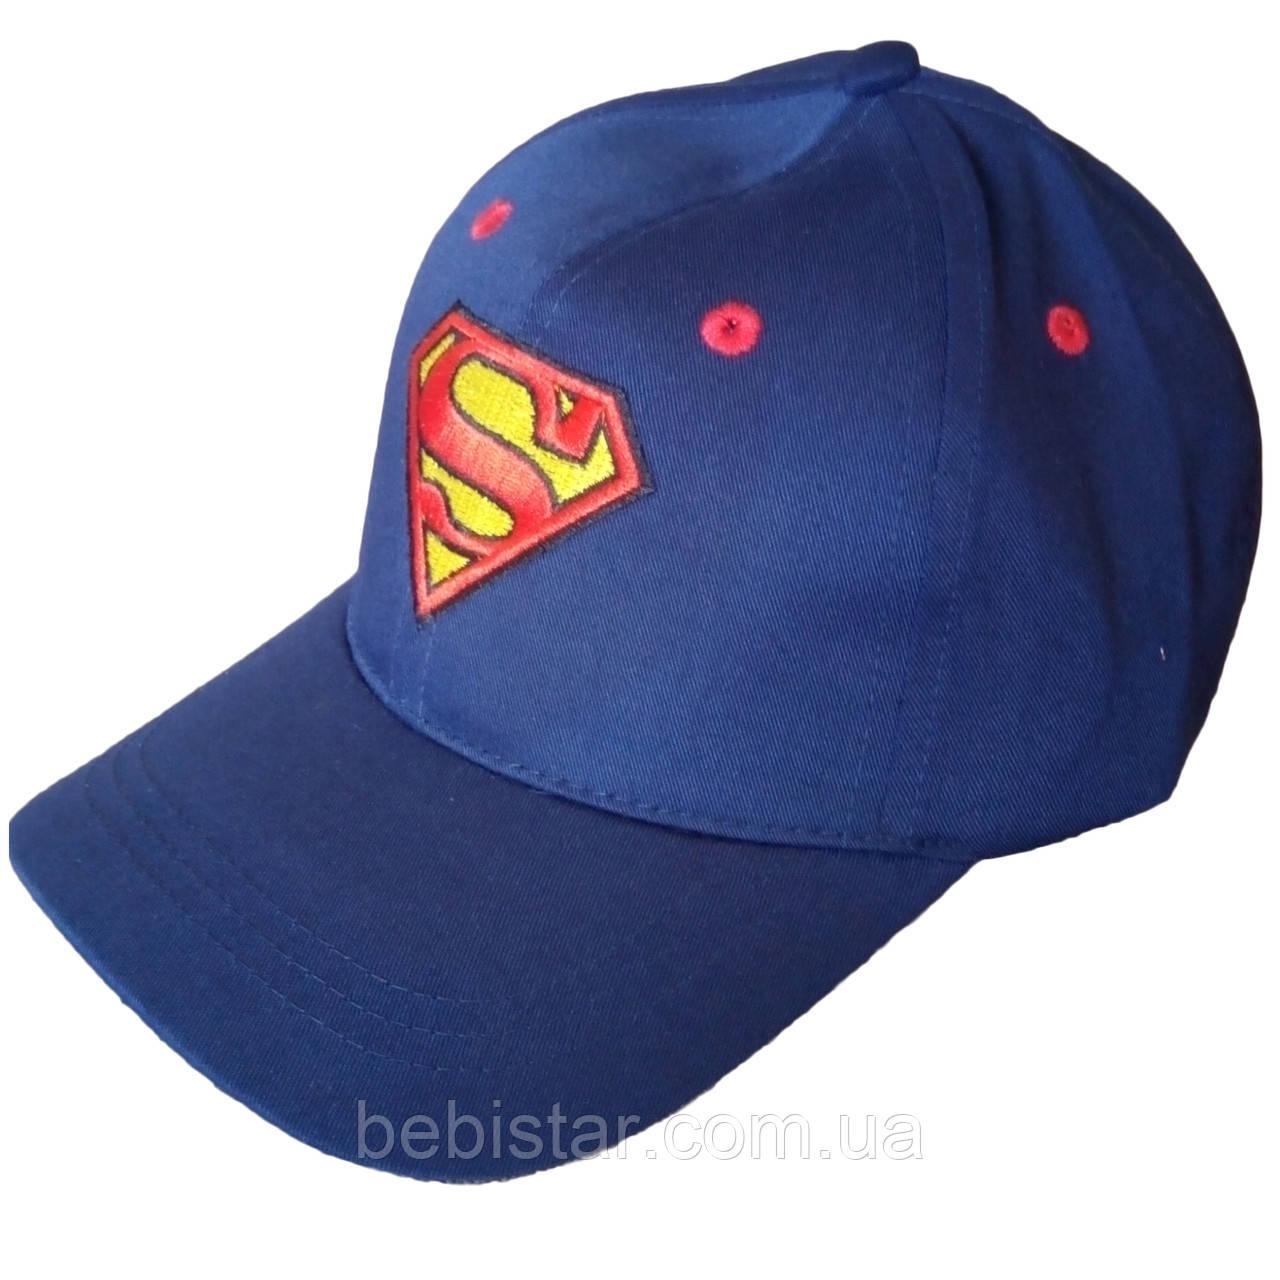 Кепка бейсболка рисунок супермен цвет:синий для мальчика